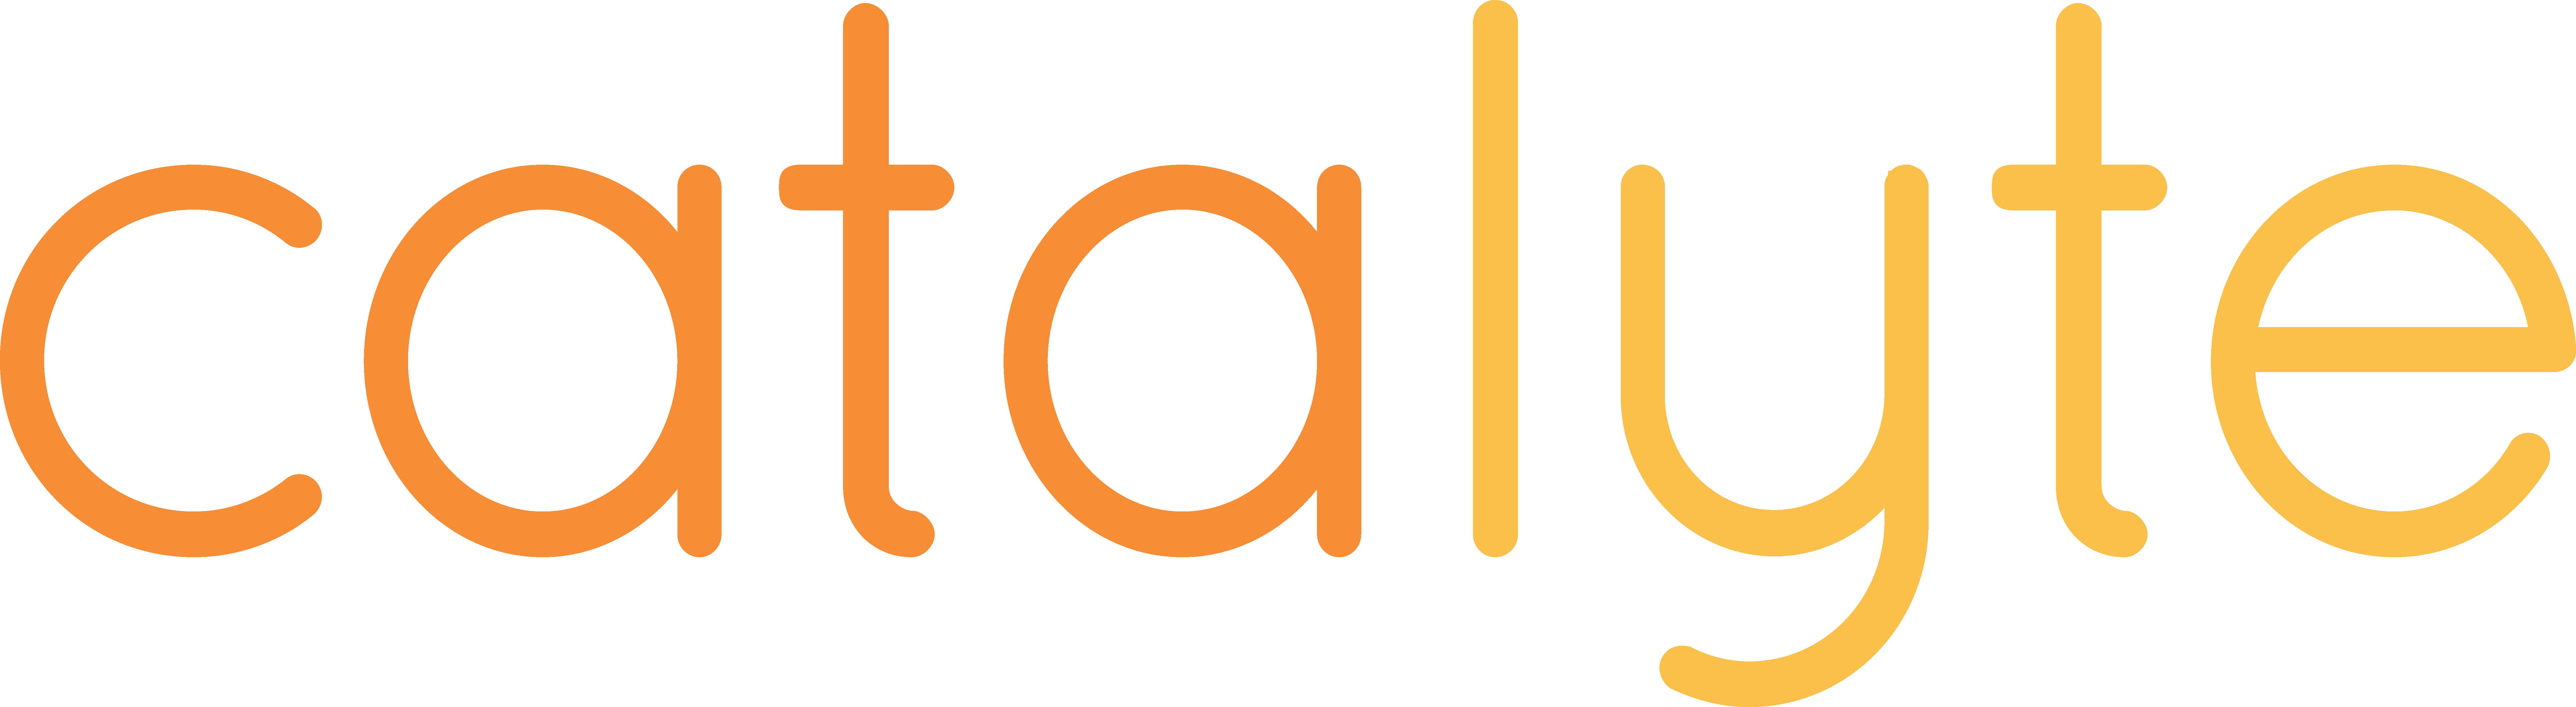 Catalyte logo transparent